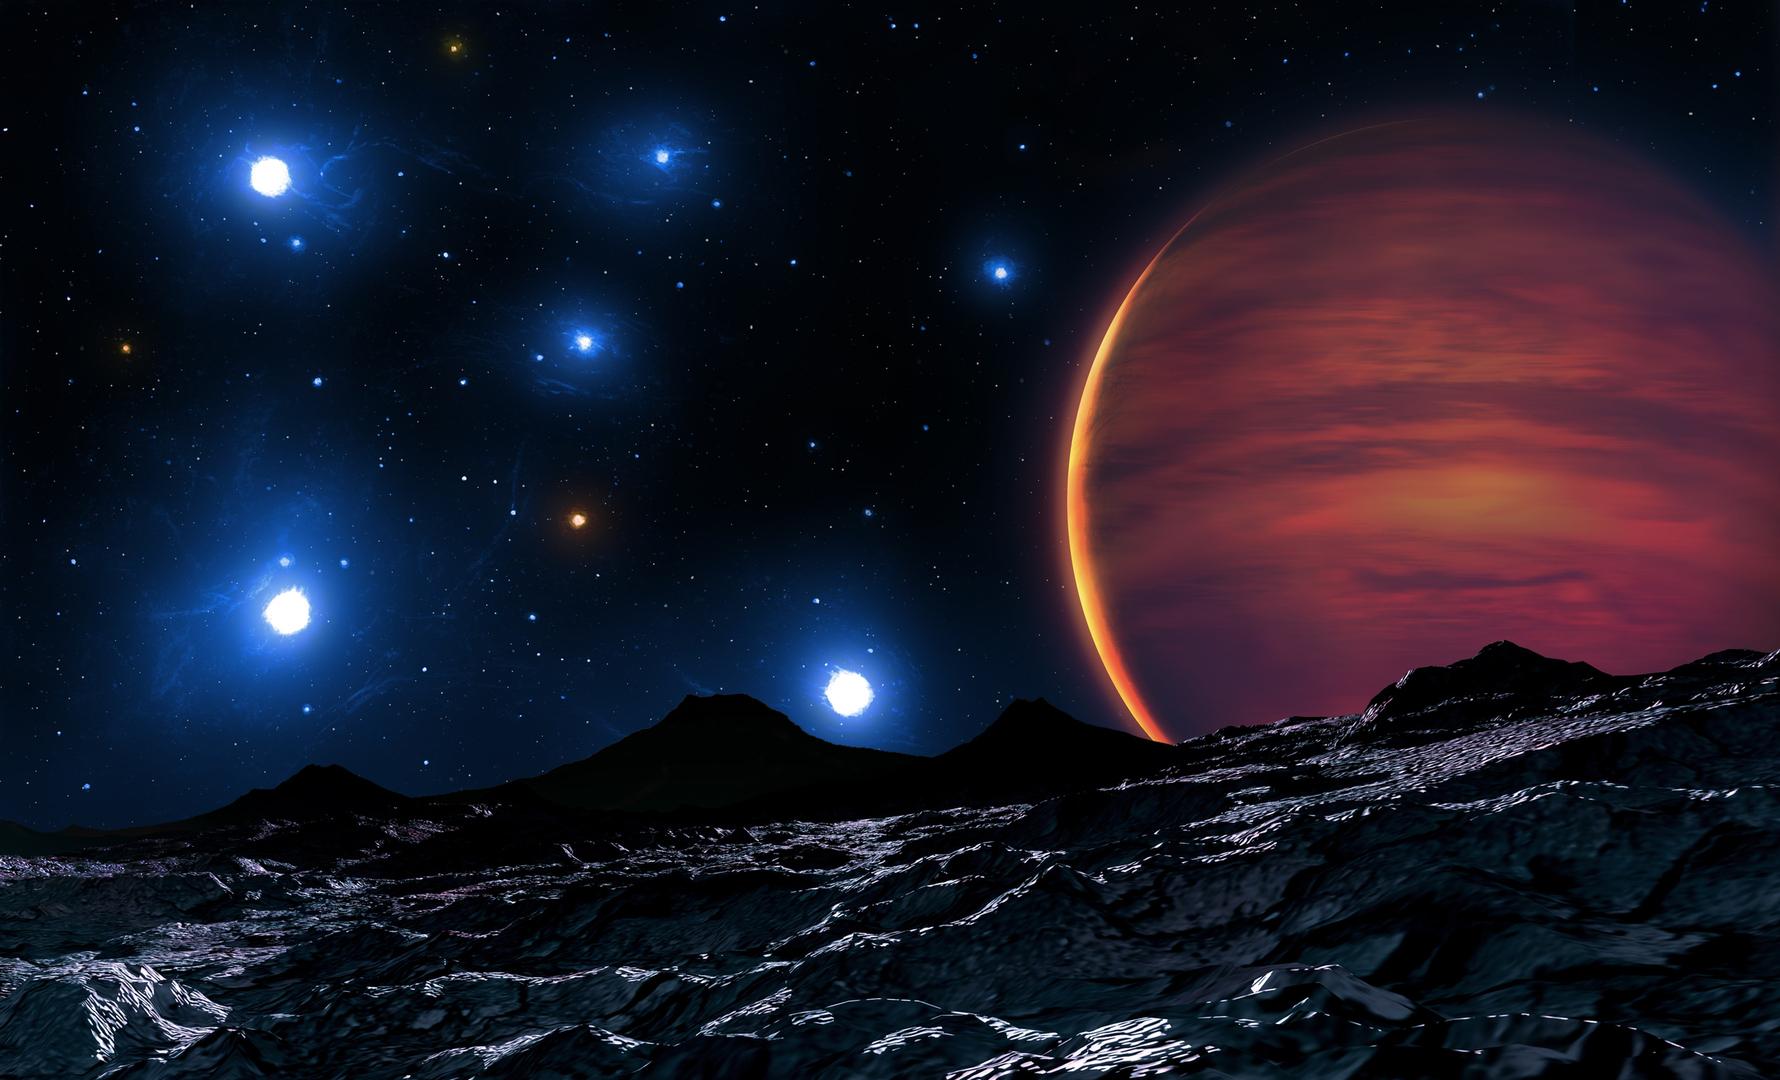 هذه الليلة.. المريخ في أقرب اقتران له مع الثريا خلال 30 عاما